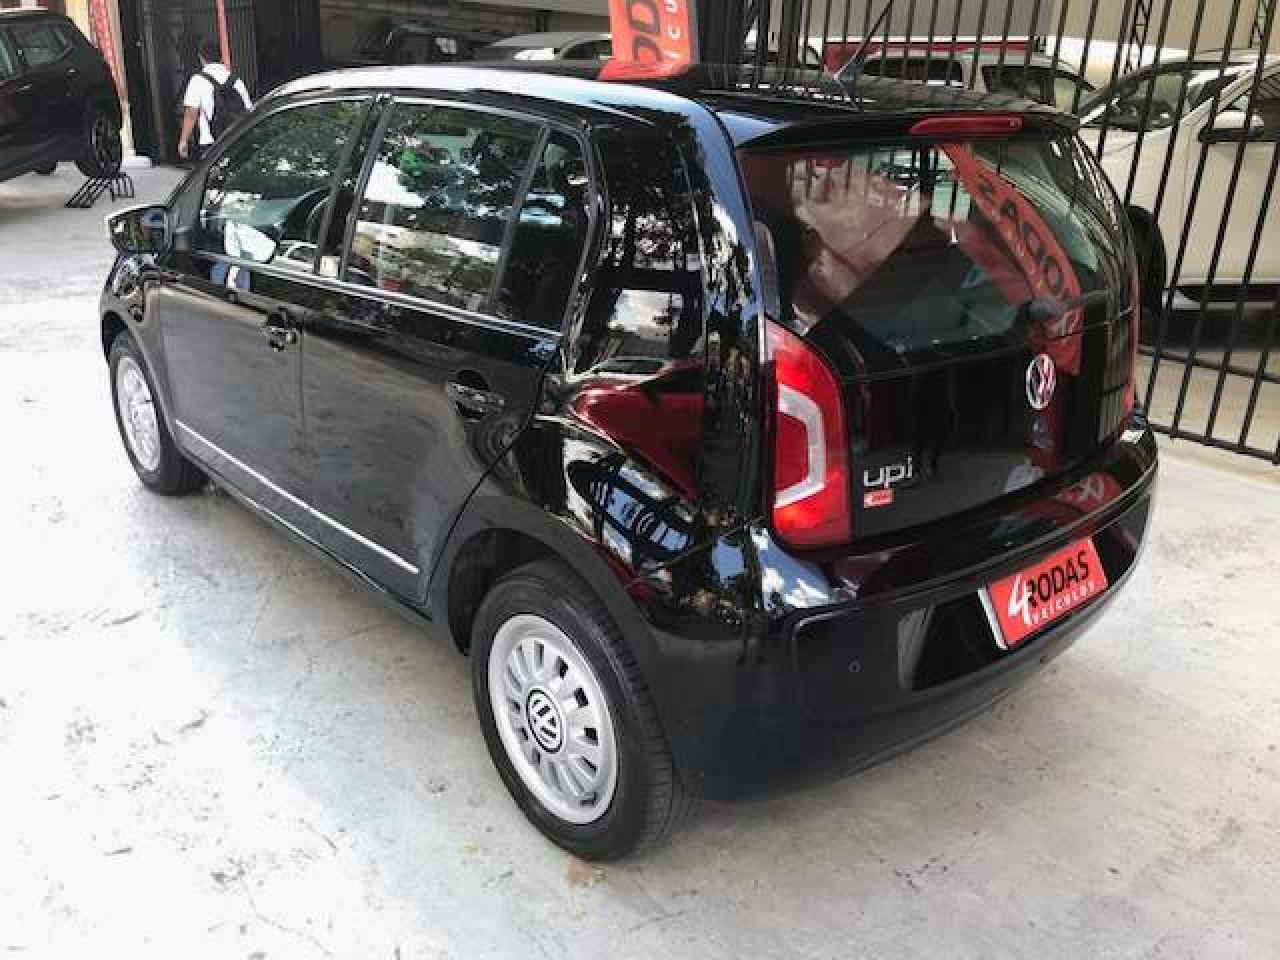 UP 1.0 12V RED BLACK WHITE FLEX